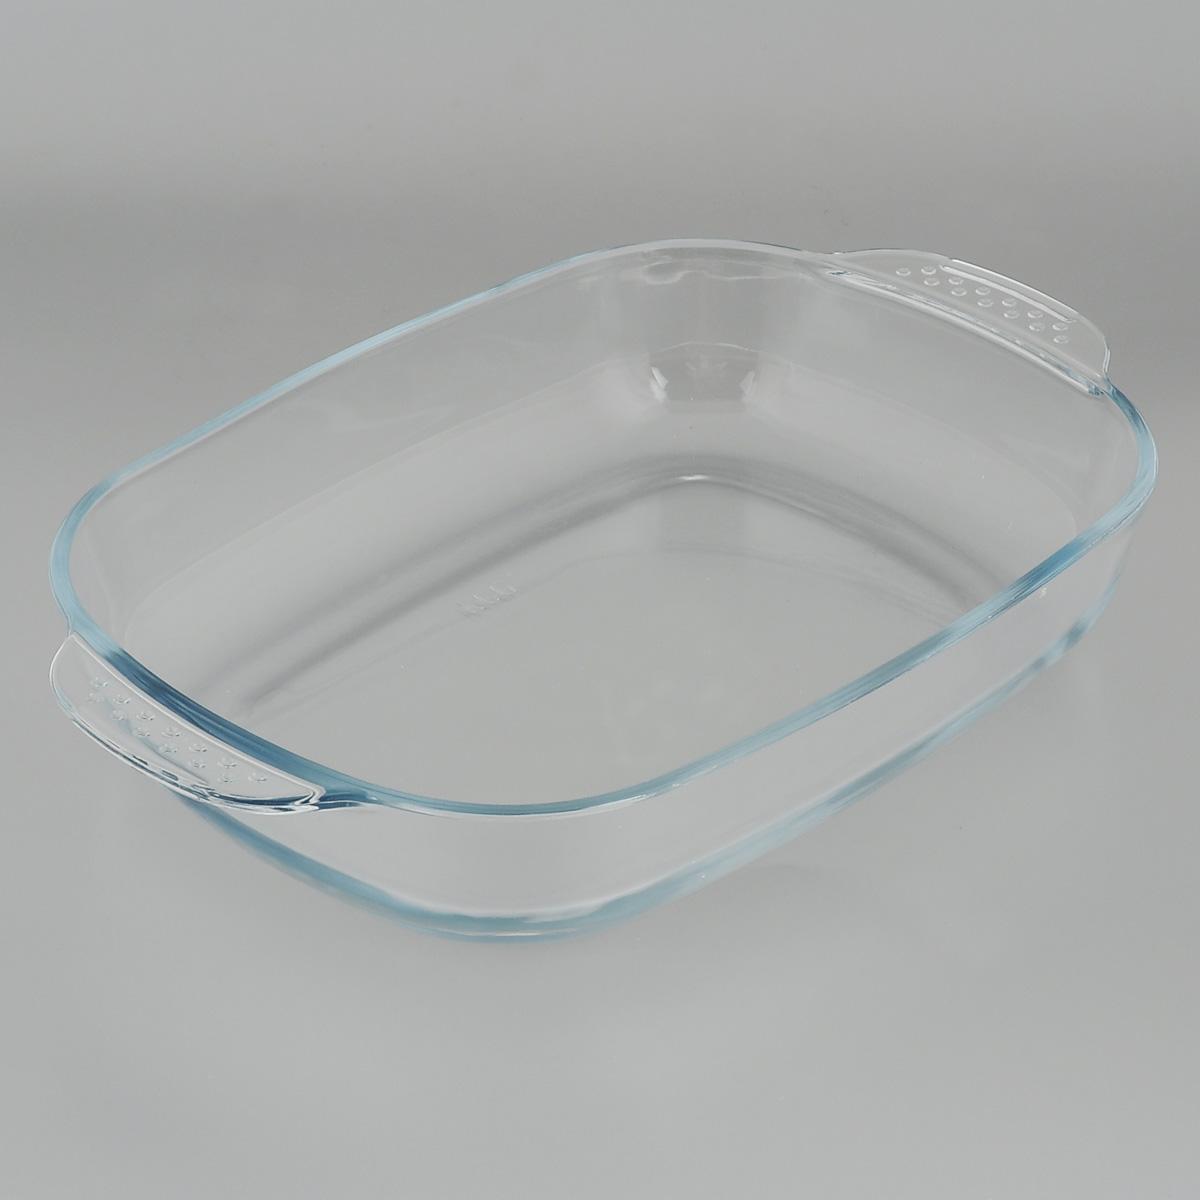 """Прямоугольная форма для запекания """"Mijotex"""" изготовлена из жаропрочного стекла,  которое выдерживает температуру до +450°С. Форма предназначена для  приготовления горячих блюд. Оснащена двумя ручками. Материал изделия гигиеничен, прост в уходе и обладает высокой степенью прочности.  Форма идеально подходит для использования в духовках, микроволновых печах,  холодильниках и морозильных камерах. Также ее можно использовать на газовых  плитах (на слабом огне) и на электроплитах. Можно мыть в посудомоечной  машине. Внутренний размер формы: 35,5 см х 26 см. Внешний размер формы (с учетом ручек): 41 см х 26 см.  Высота стенки формы: 6 см."""